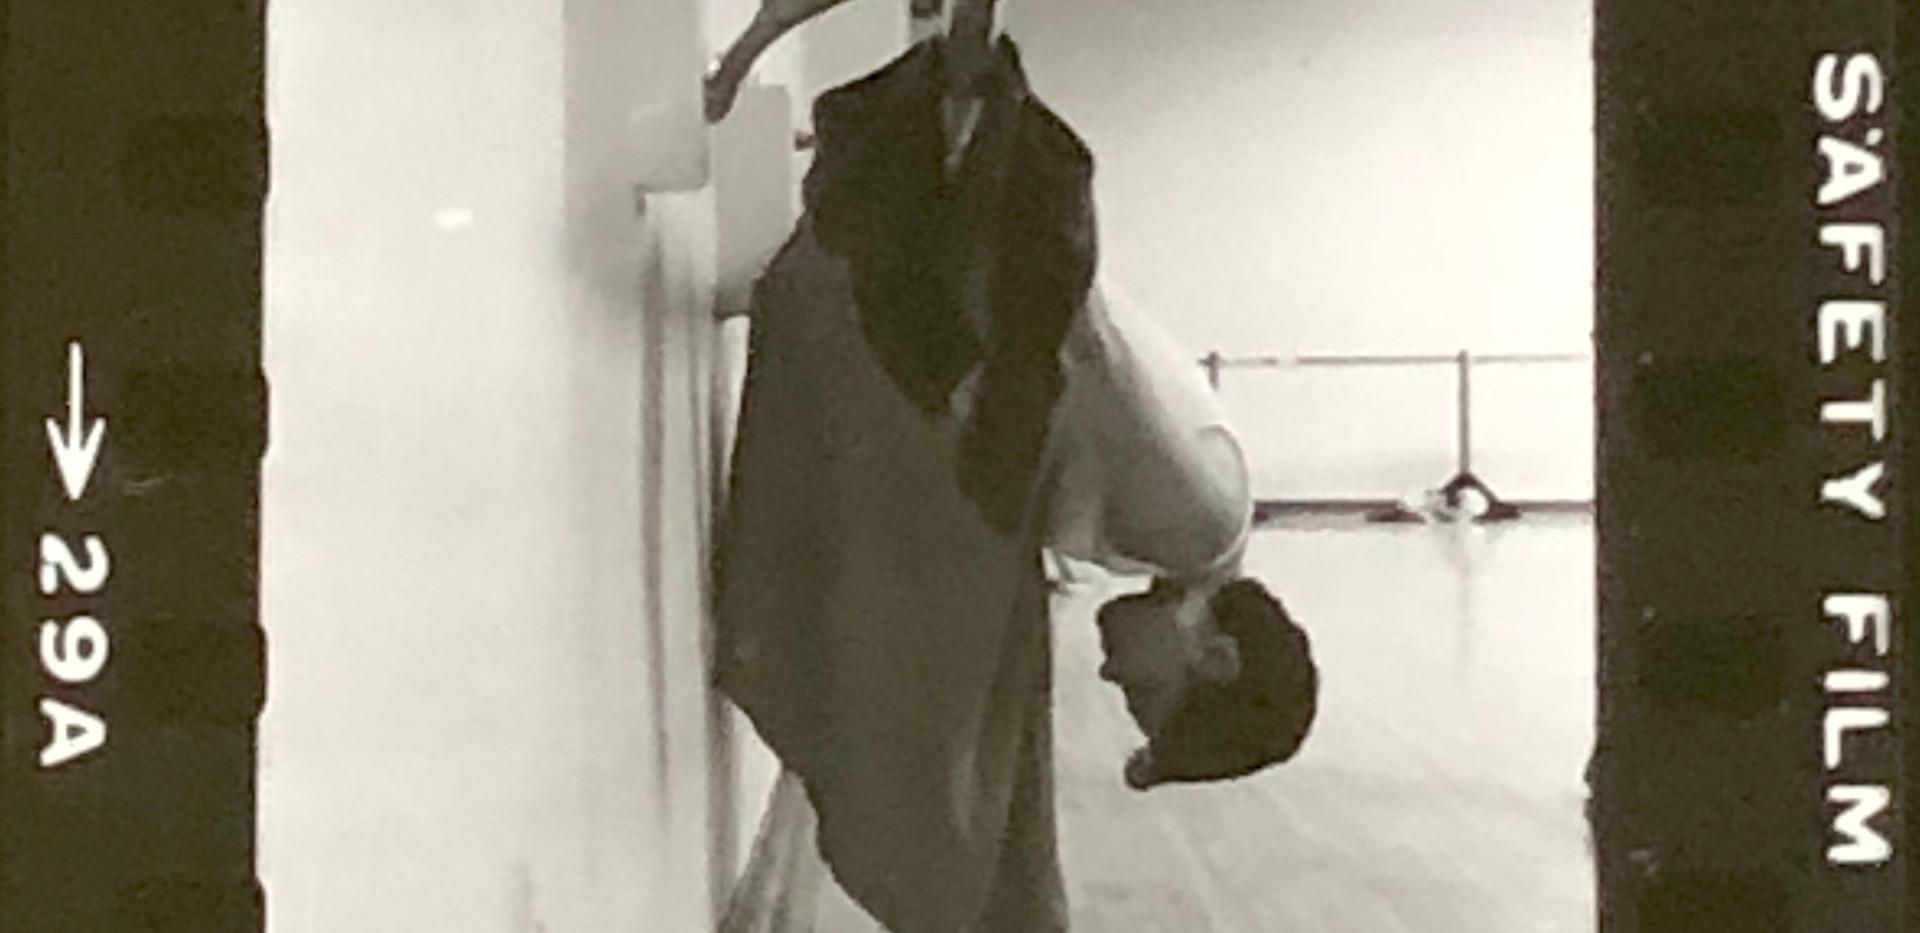 Dancer on barre.jpeg